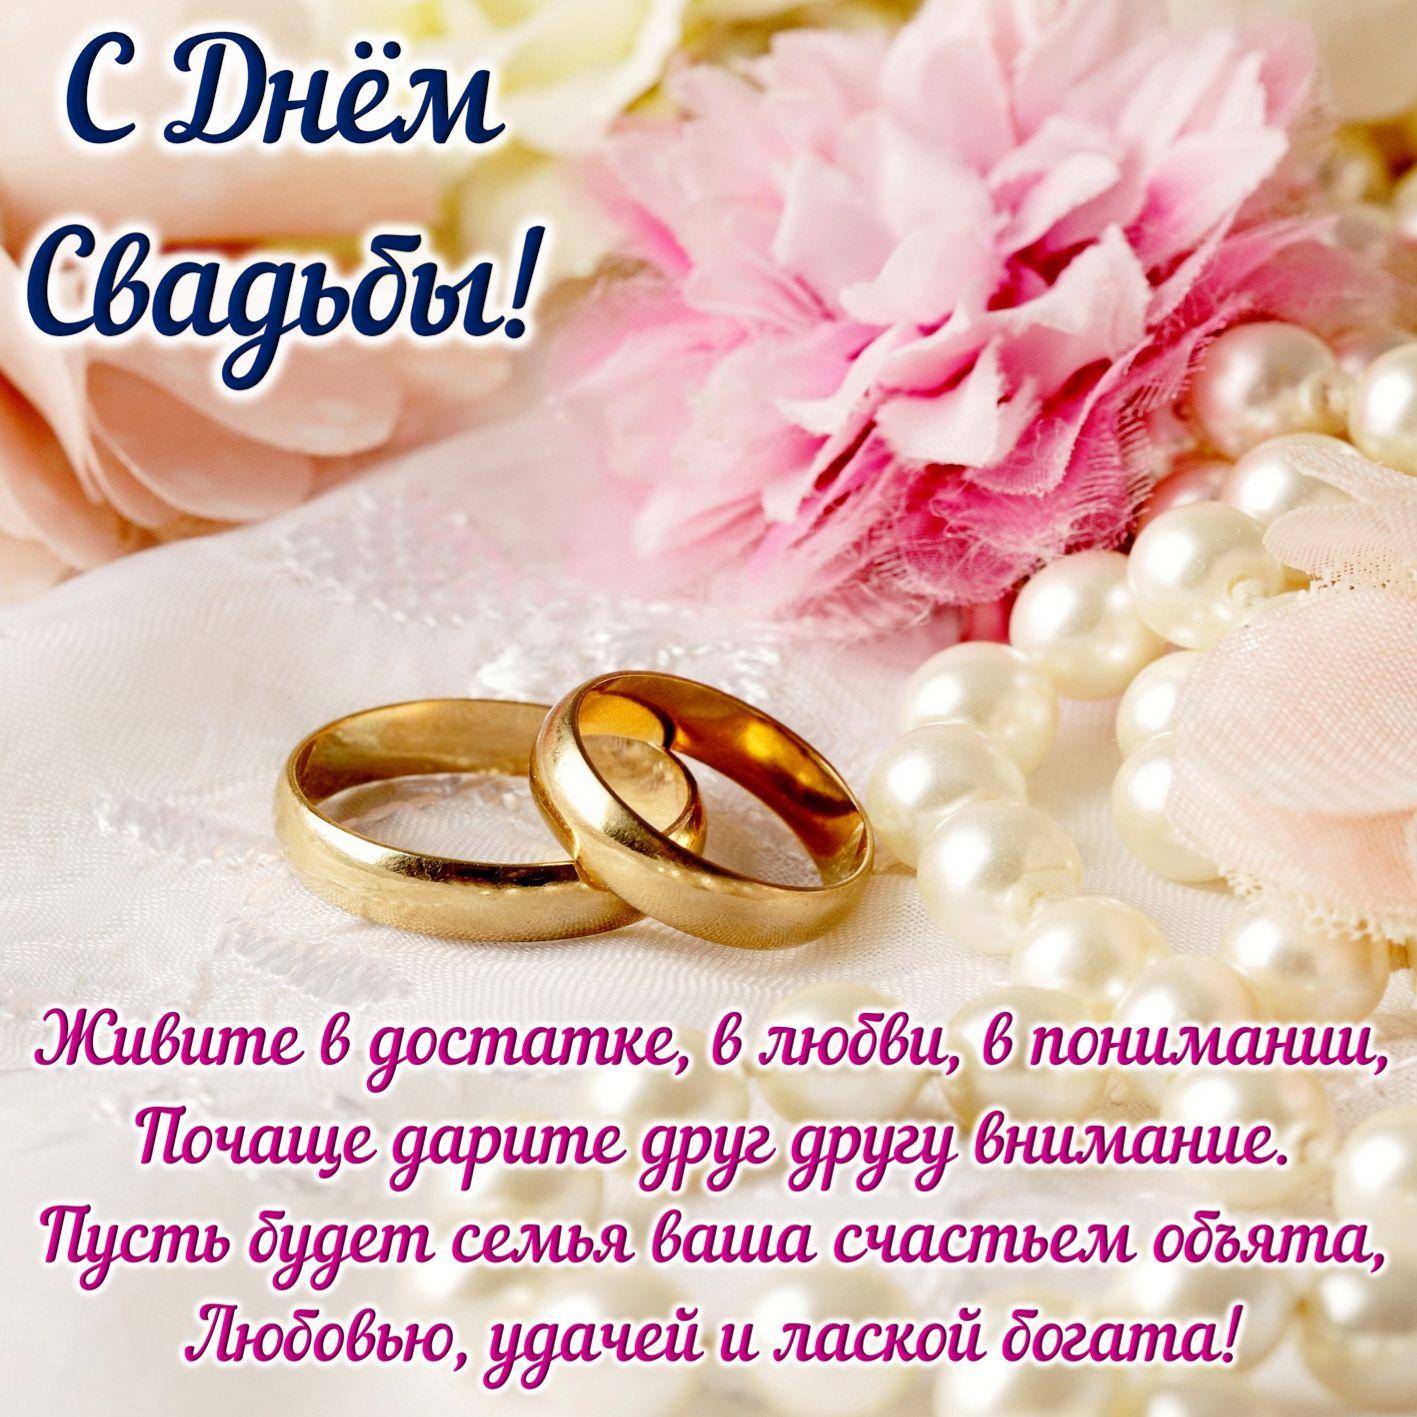 Поздравительные открытки с днем свадьбы с пожеланиями